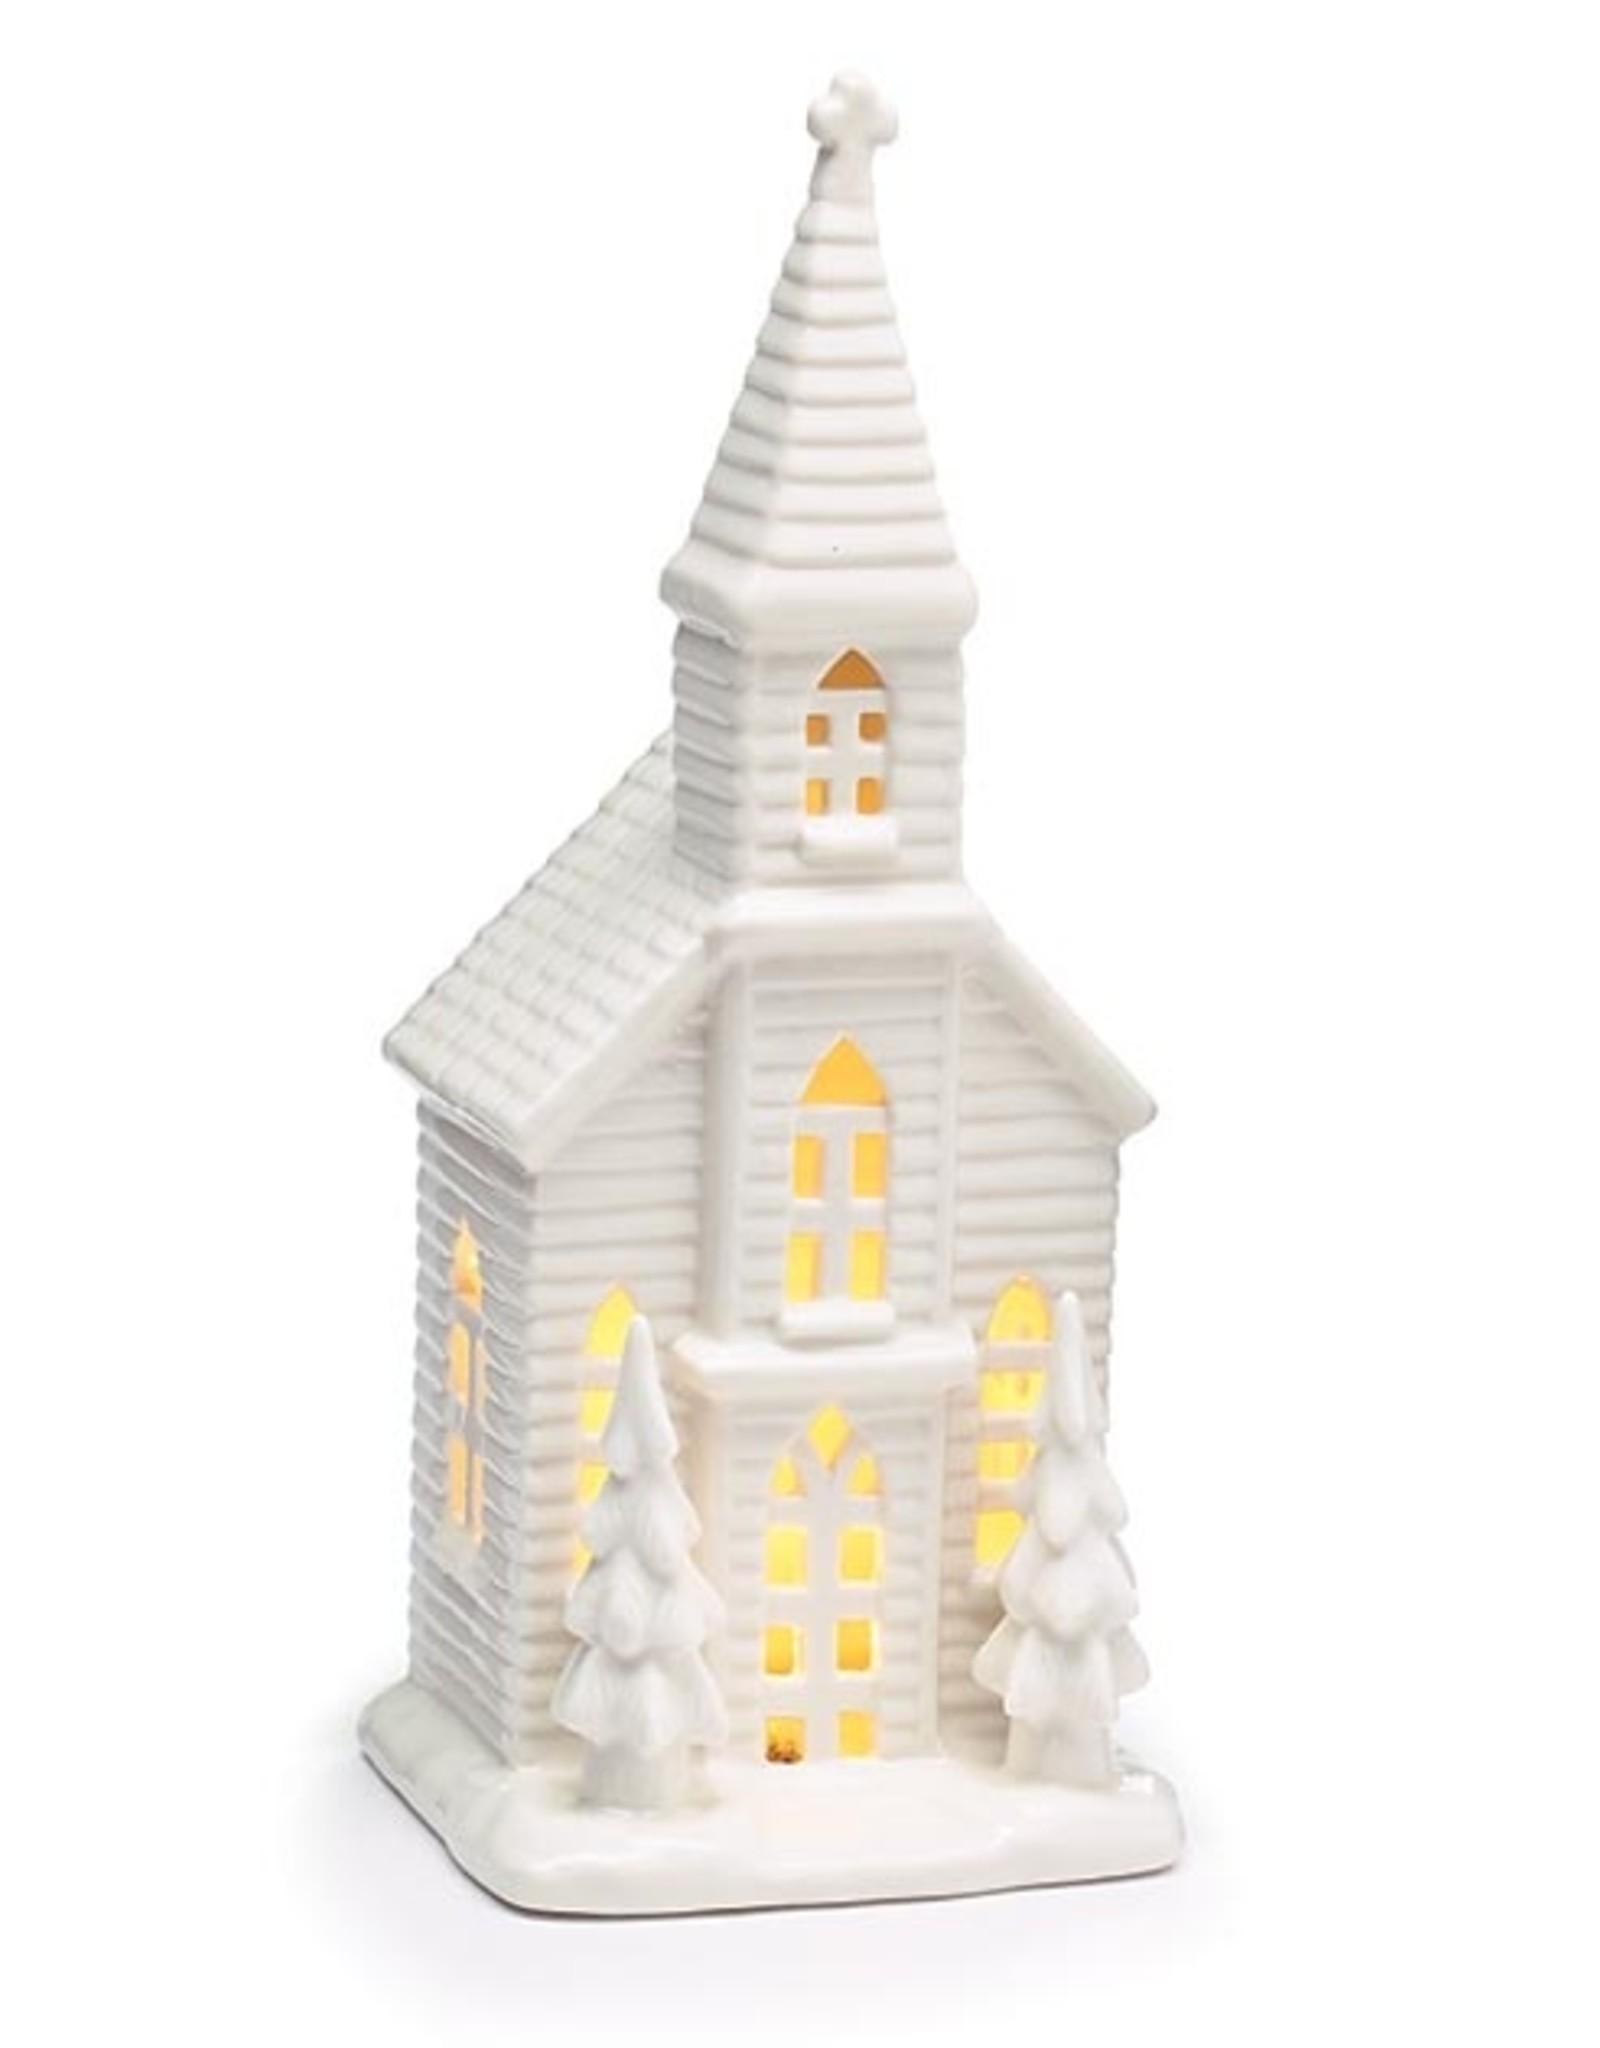 Wink Light Up Church